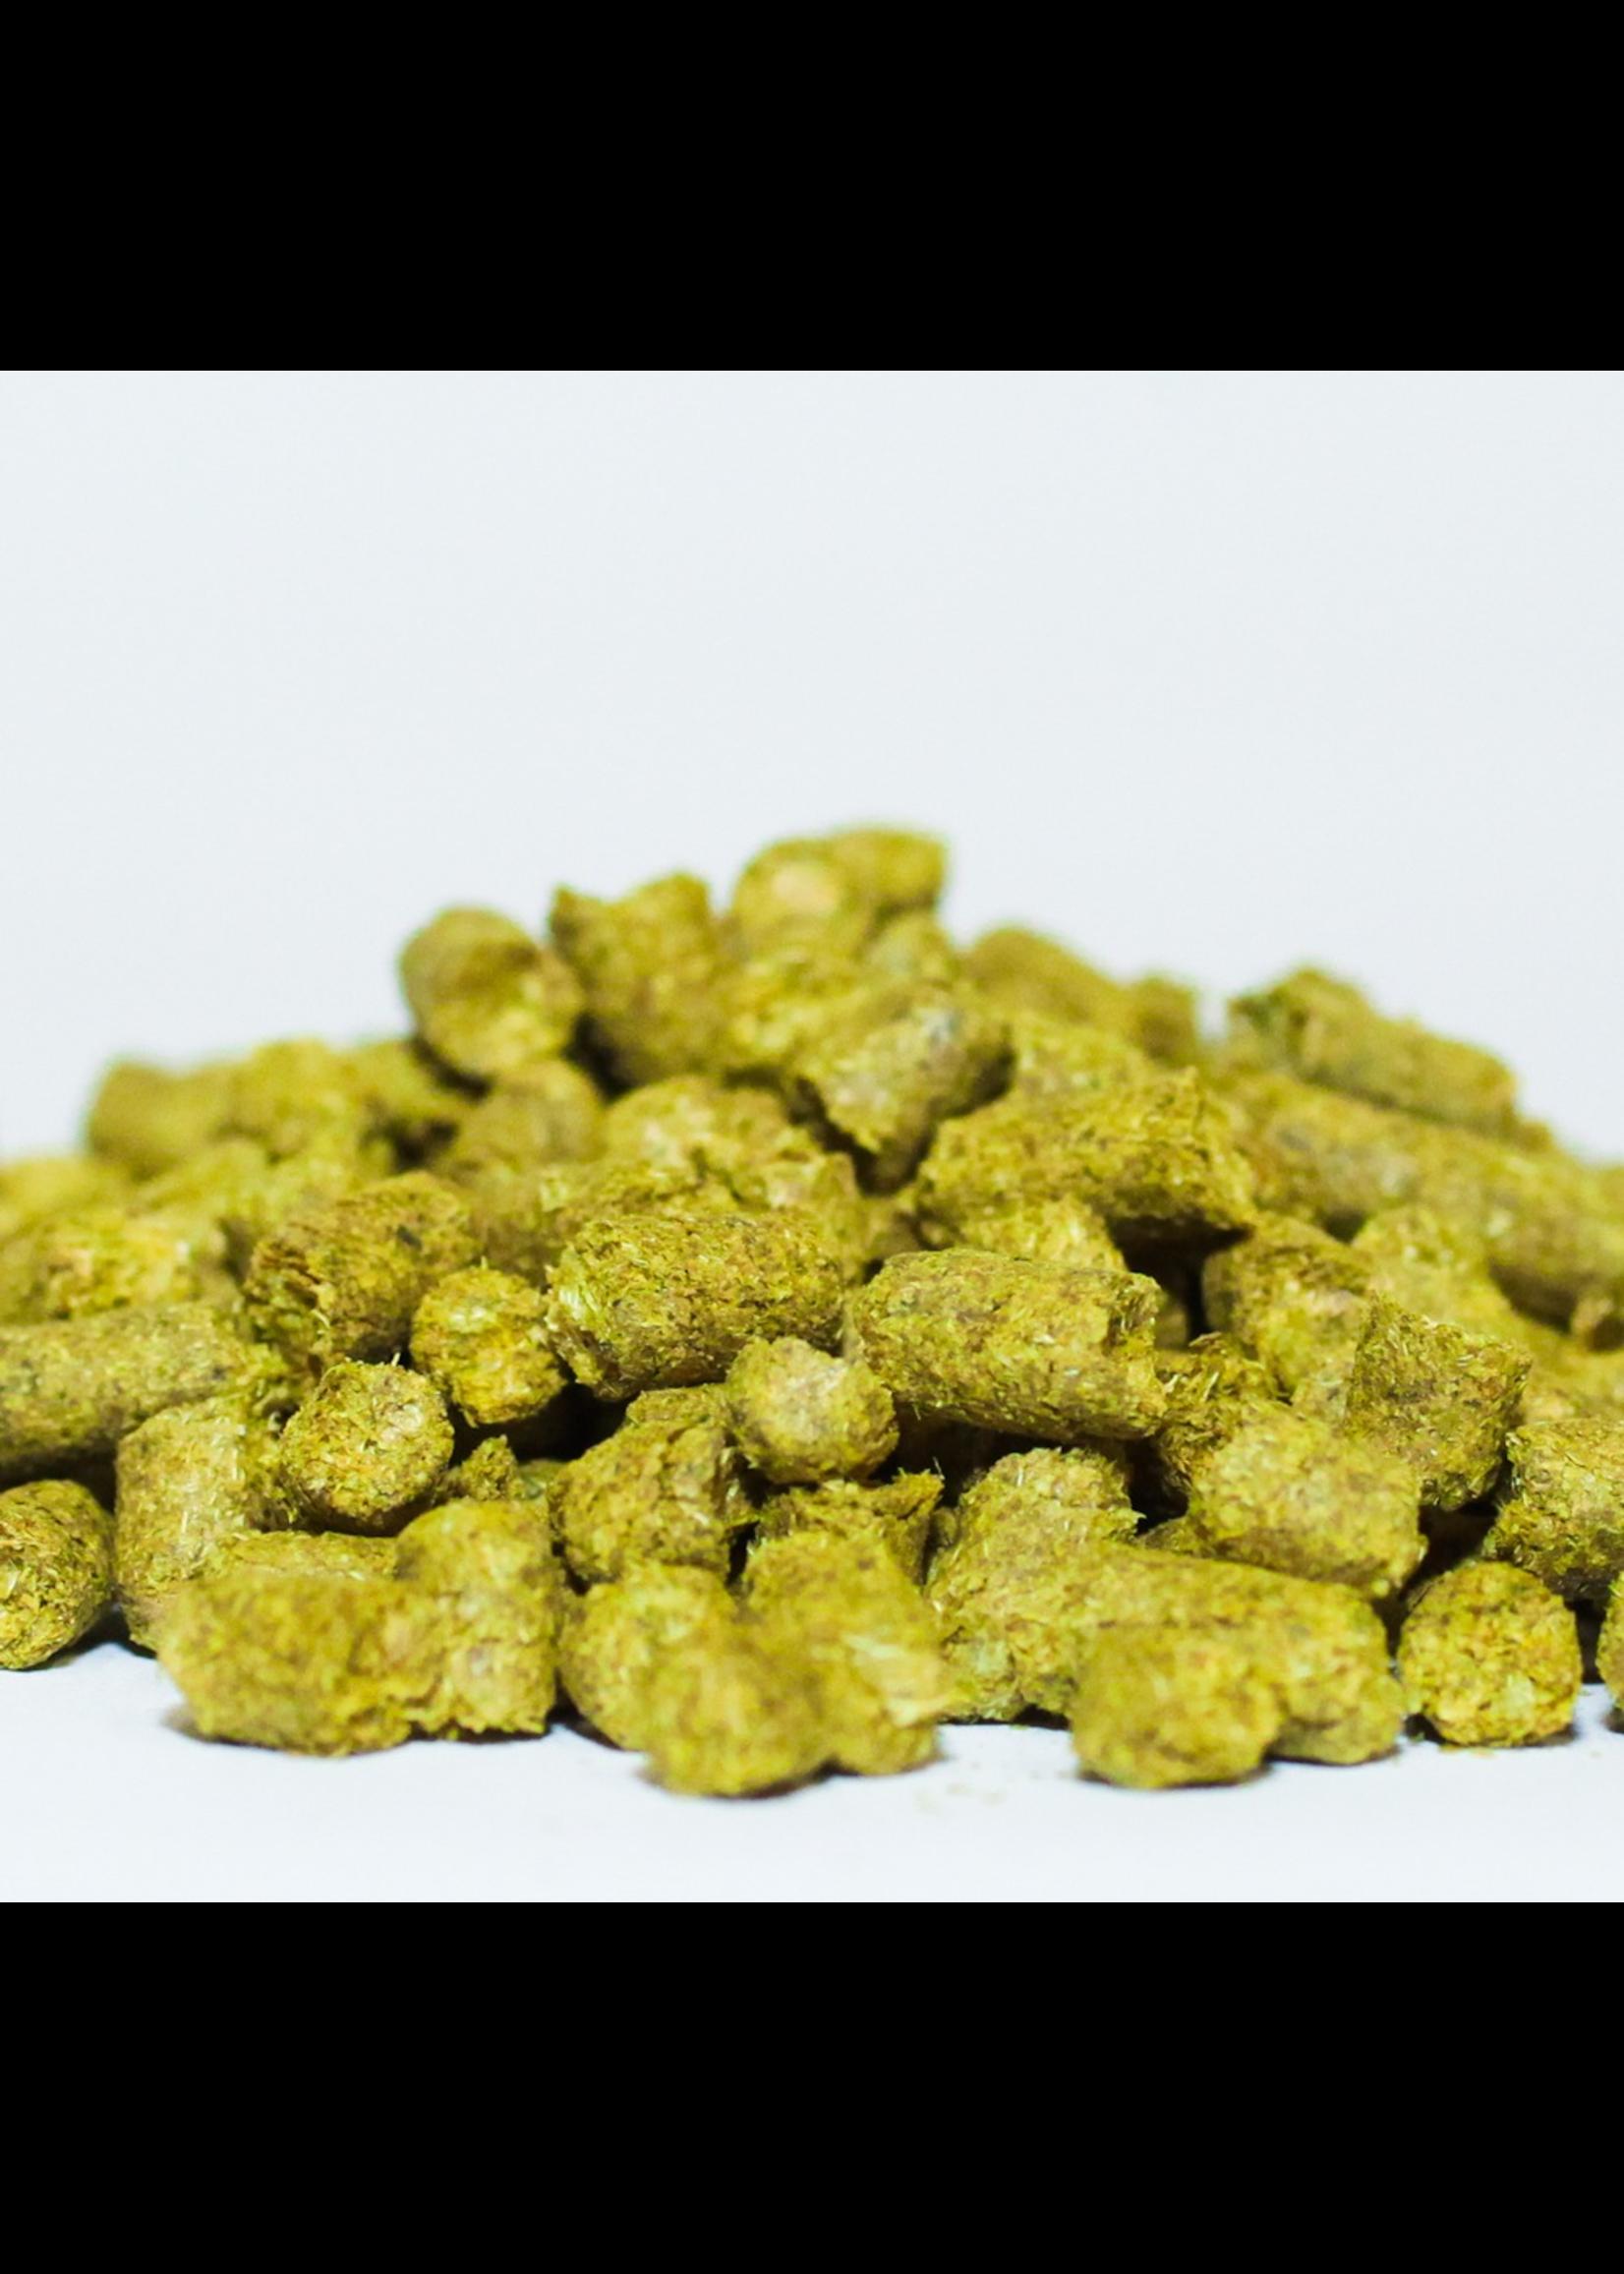 Hops Mosaic Hops (US) - Pellets - 1 LB